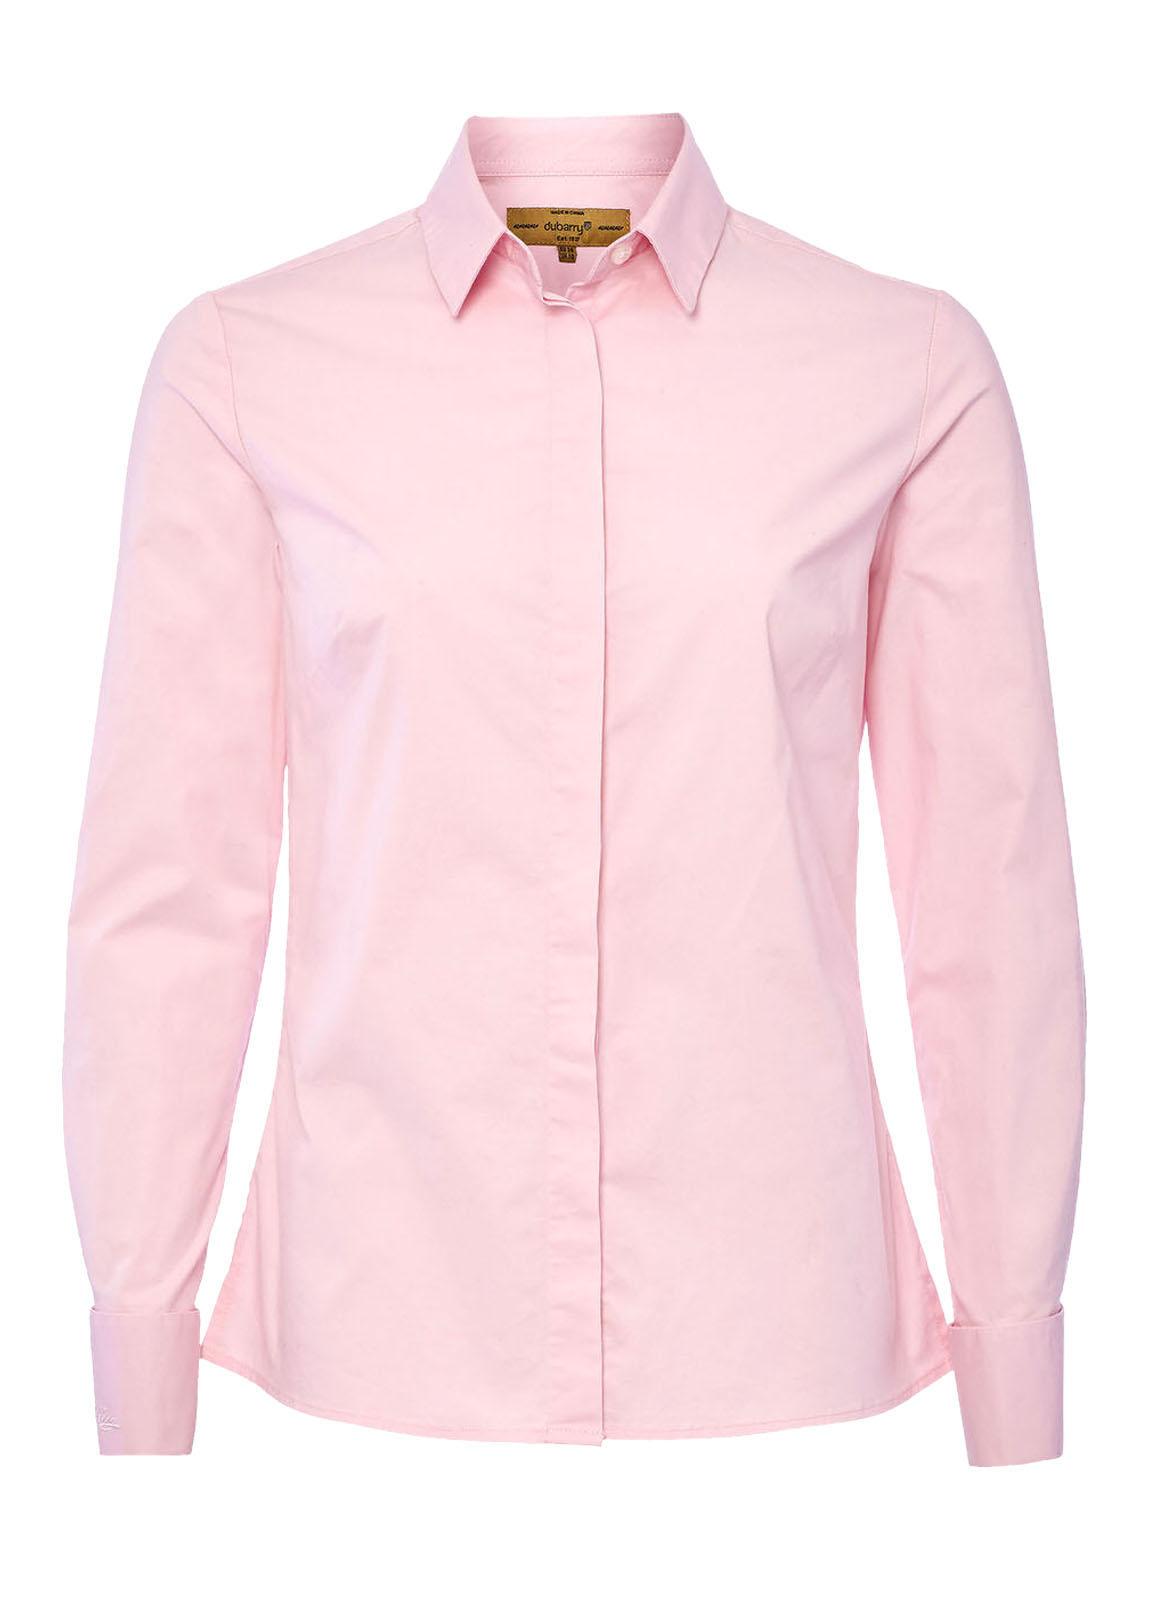 Daffodil_Shirt_Pale_Pink_Image_1